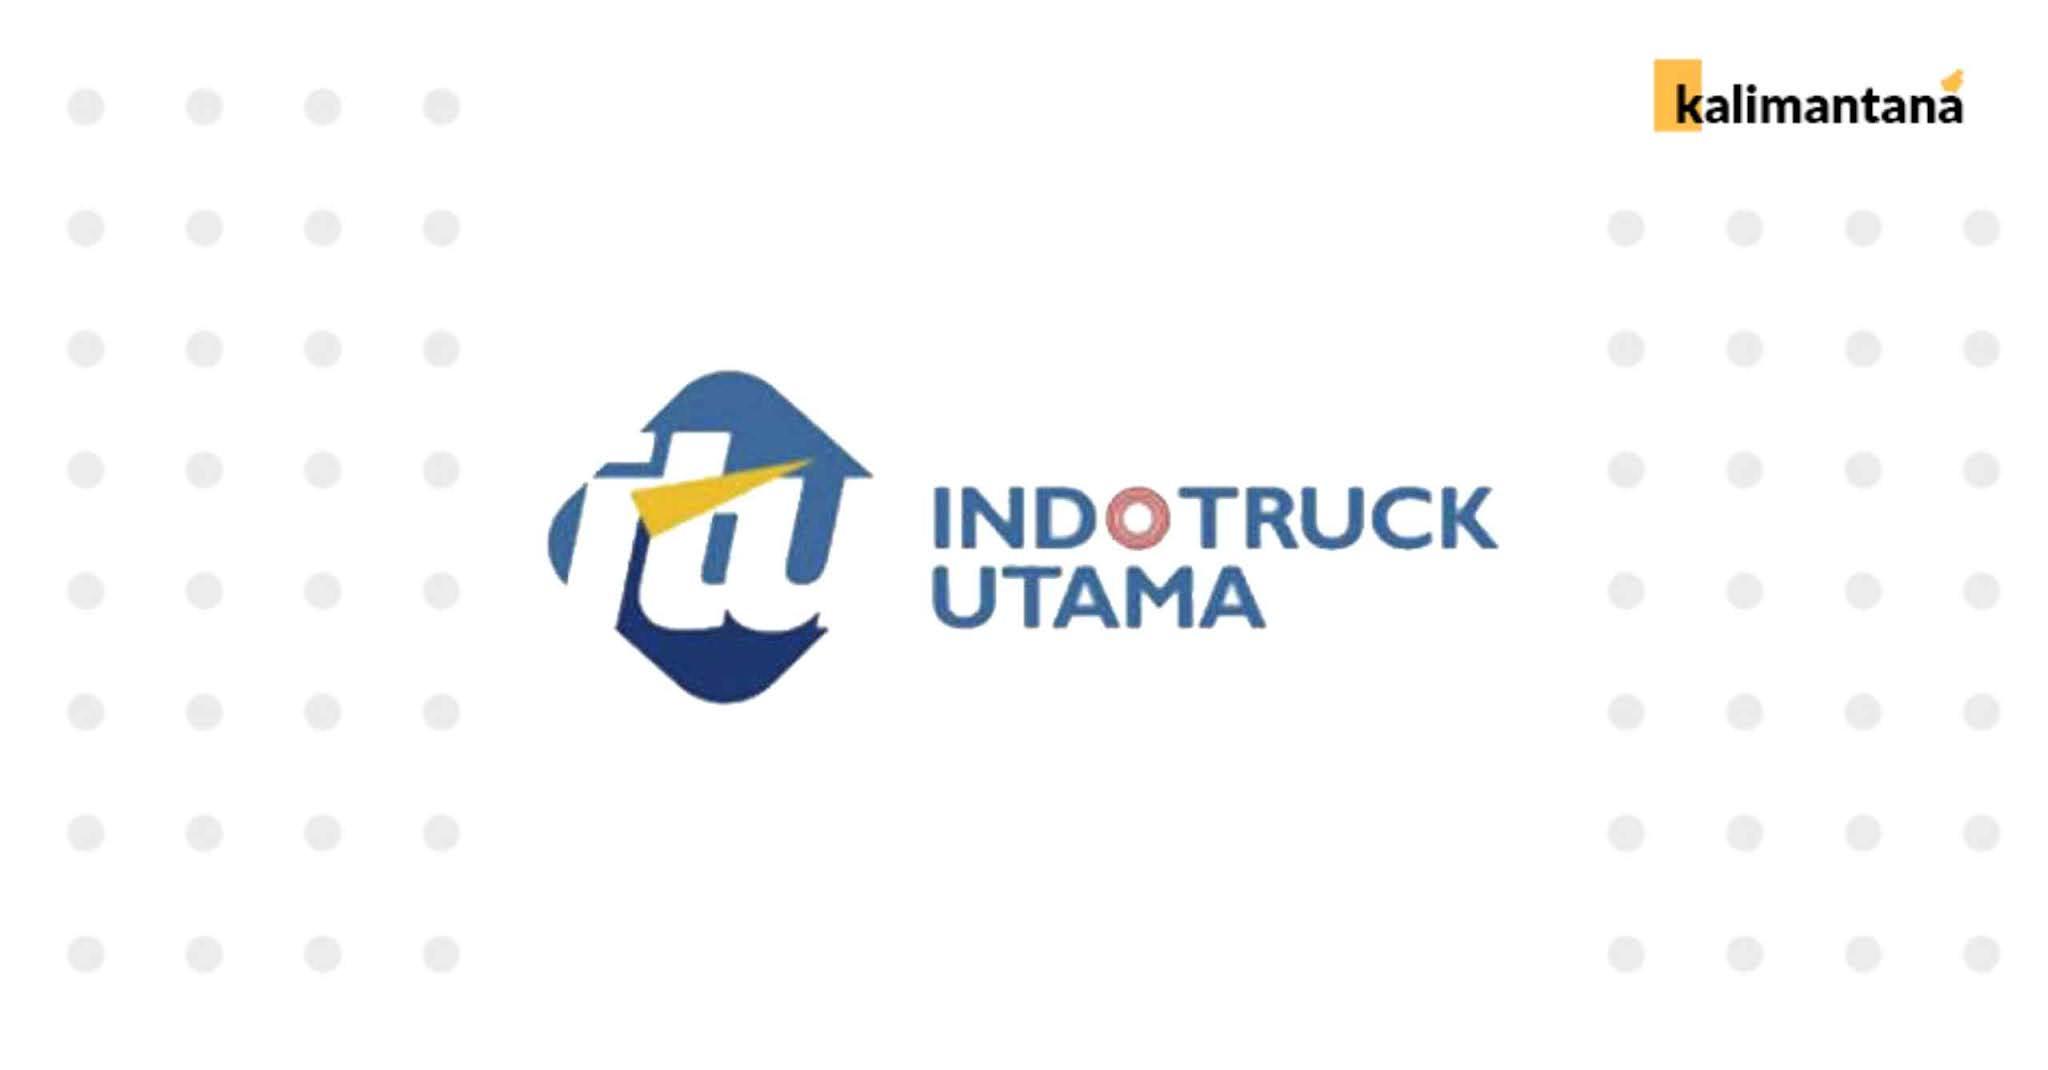 Lowongan Kerja PT Indotruck Utama - Banjarmasin  - Terbaru 2020